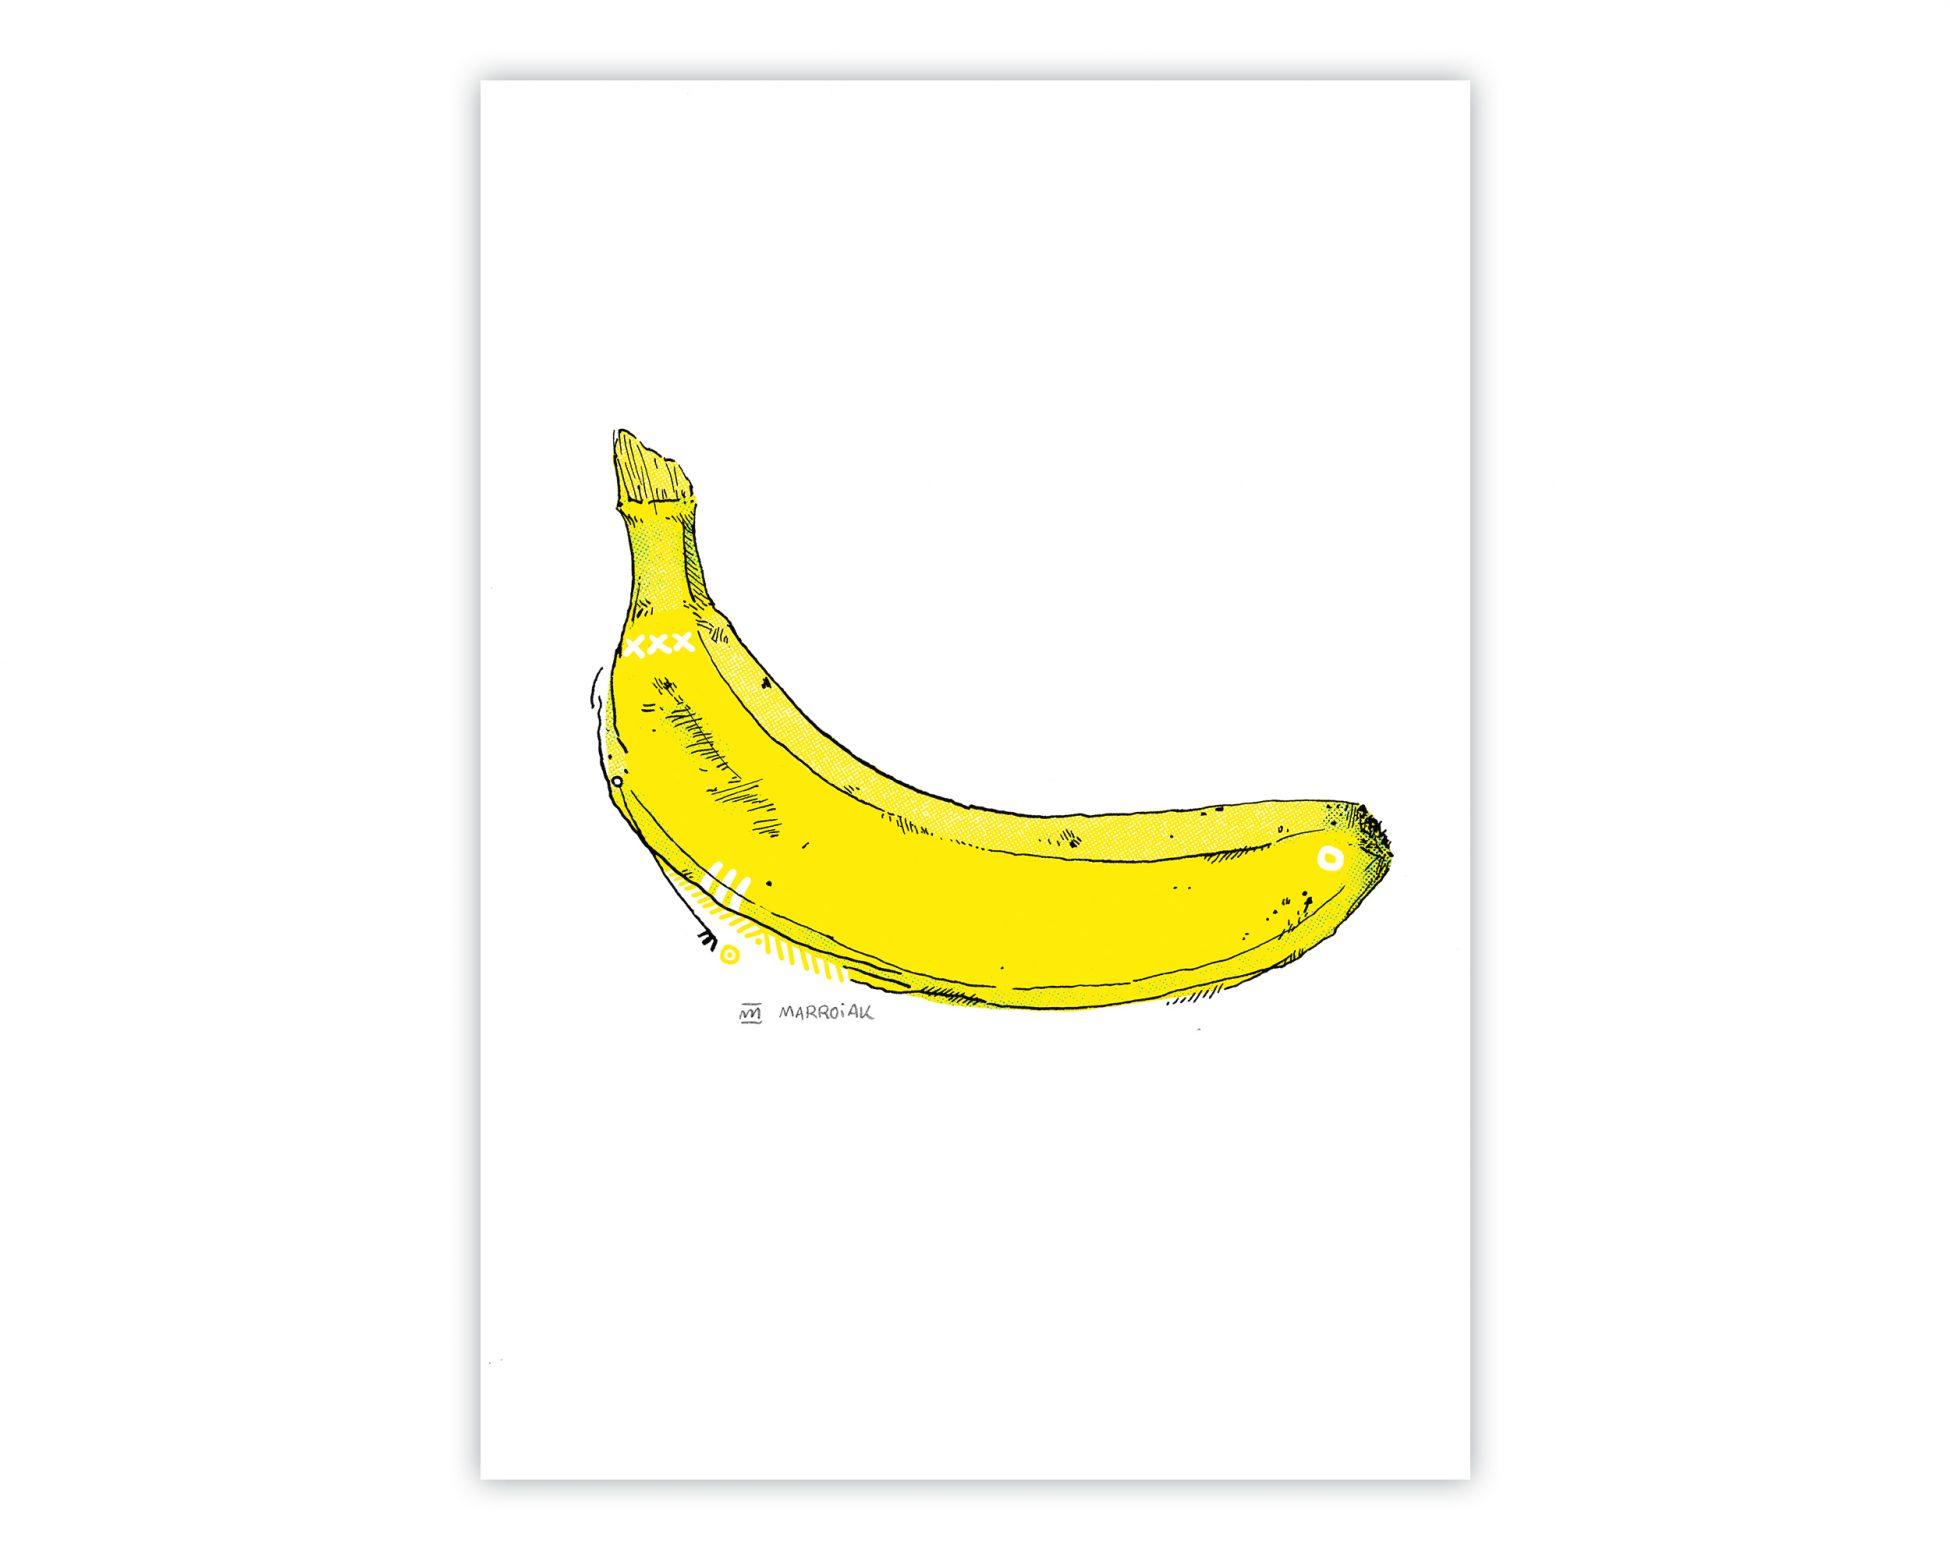 Venta online de una ilustración de una banana